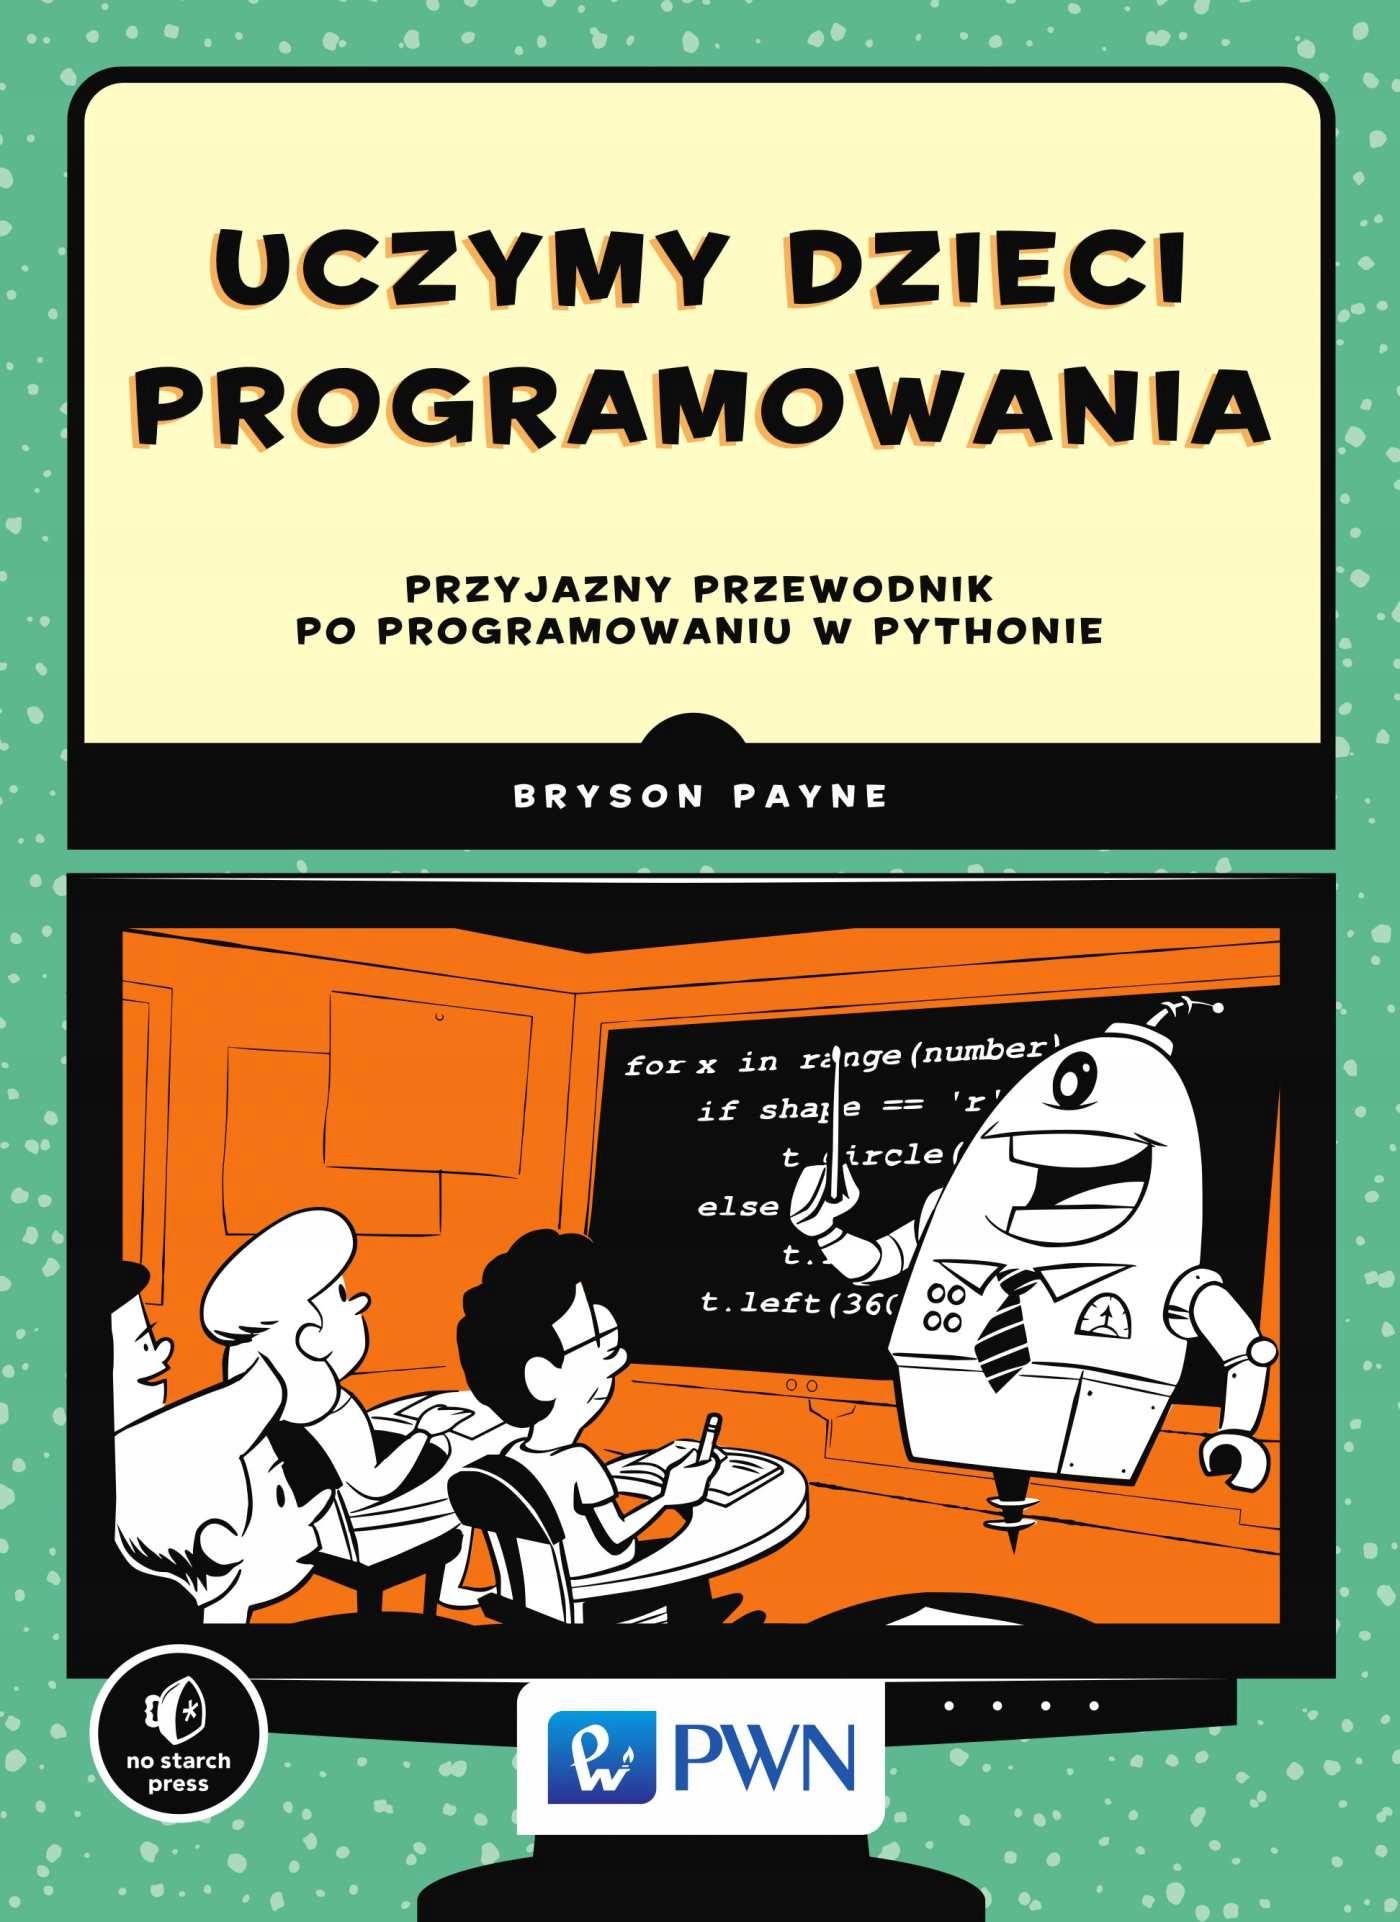 Uczymy dzieci programowania Bryson Payne